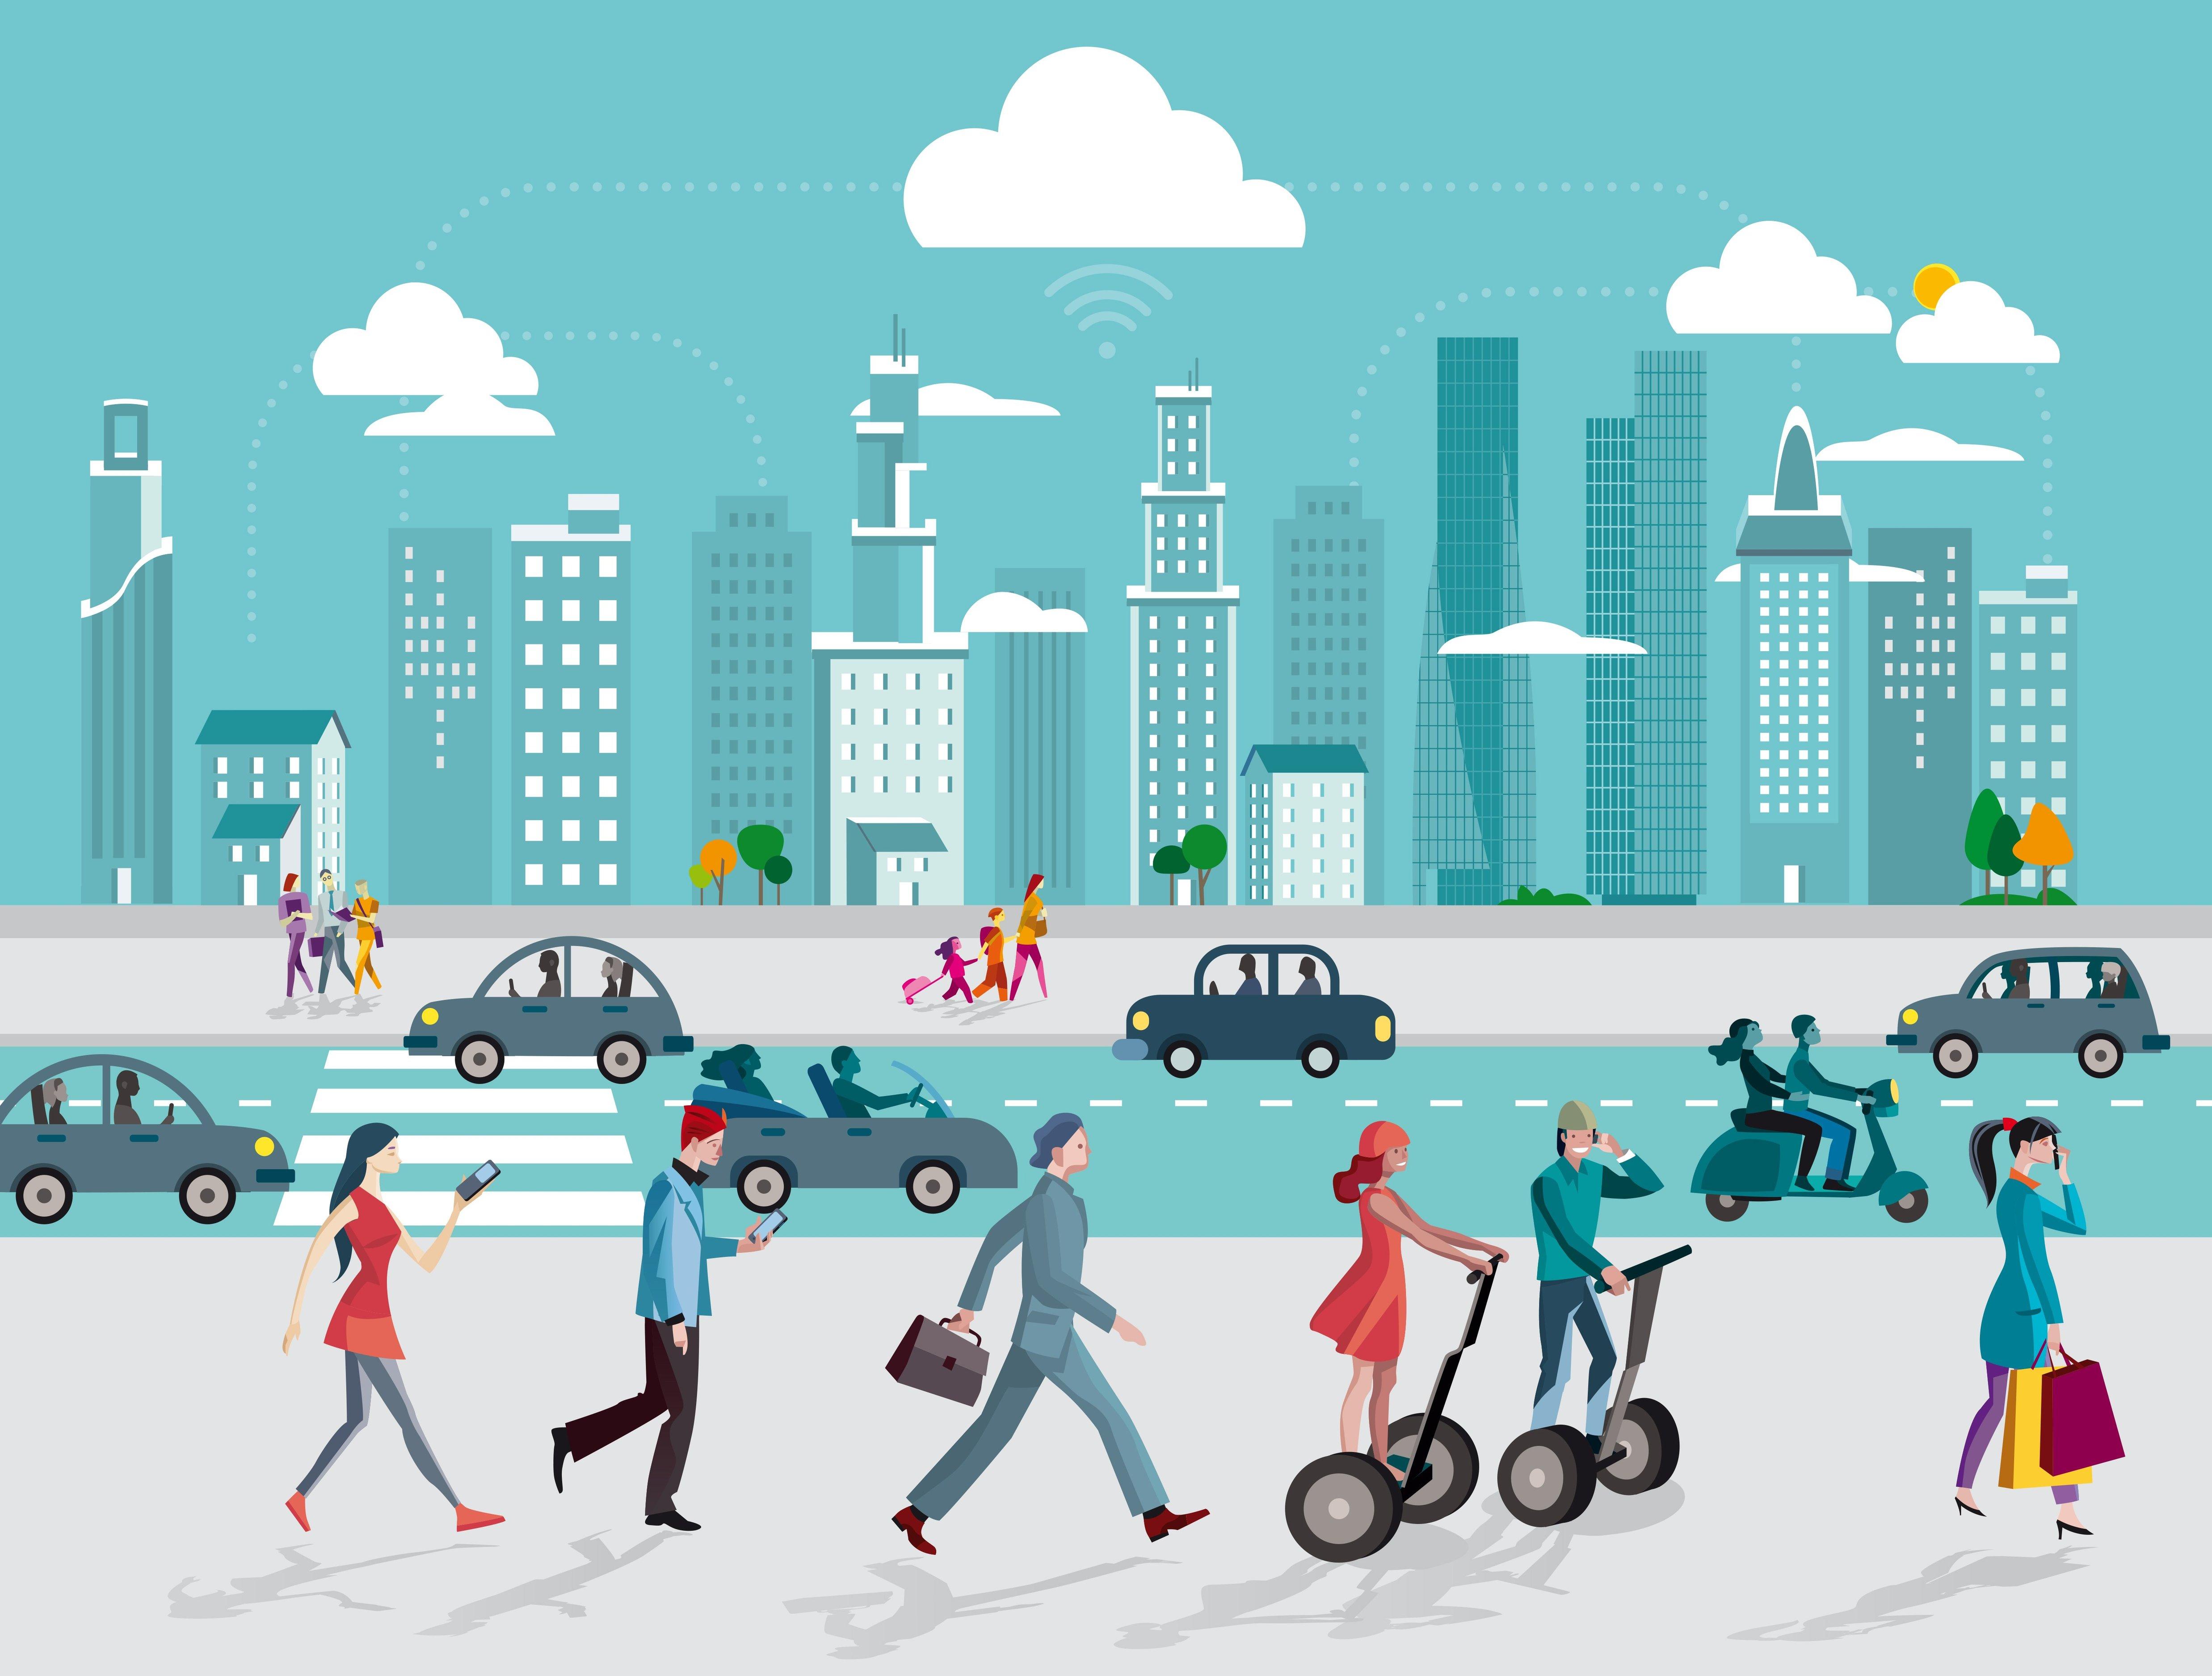 深度研究之建造智慧城市的四大核心技术分析